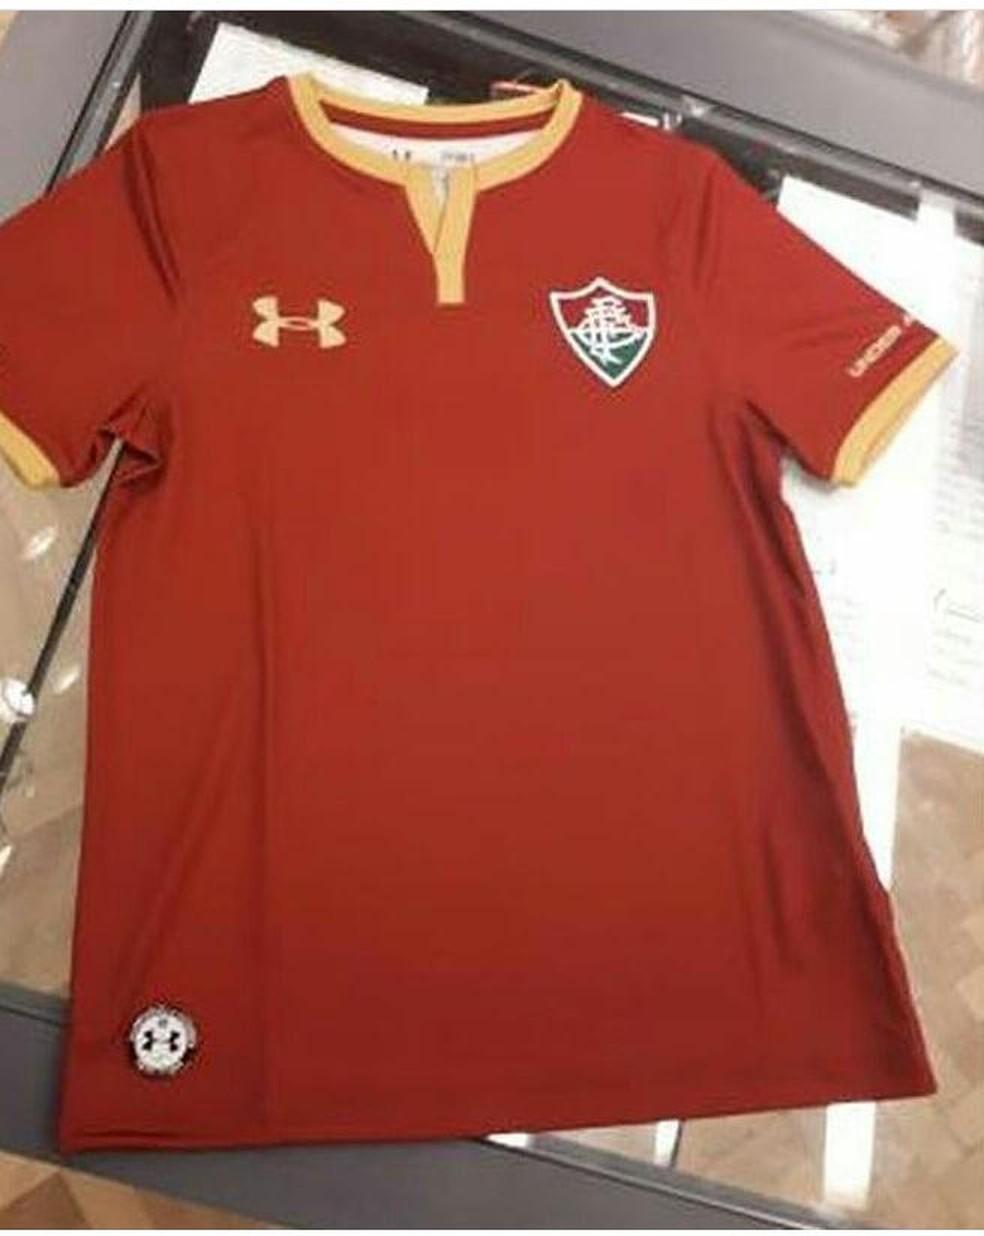 91d3ce704bac3 ... Nova terceira camisa do Fluminense — Foto  Reprodução